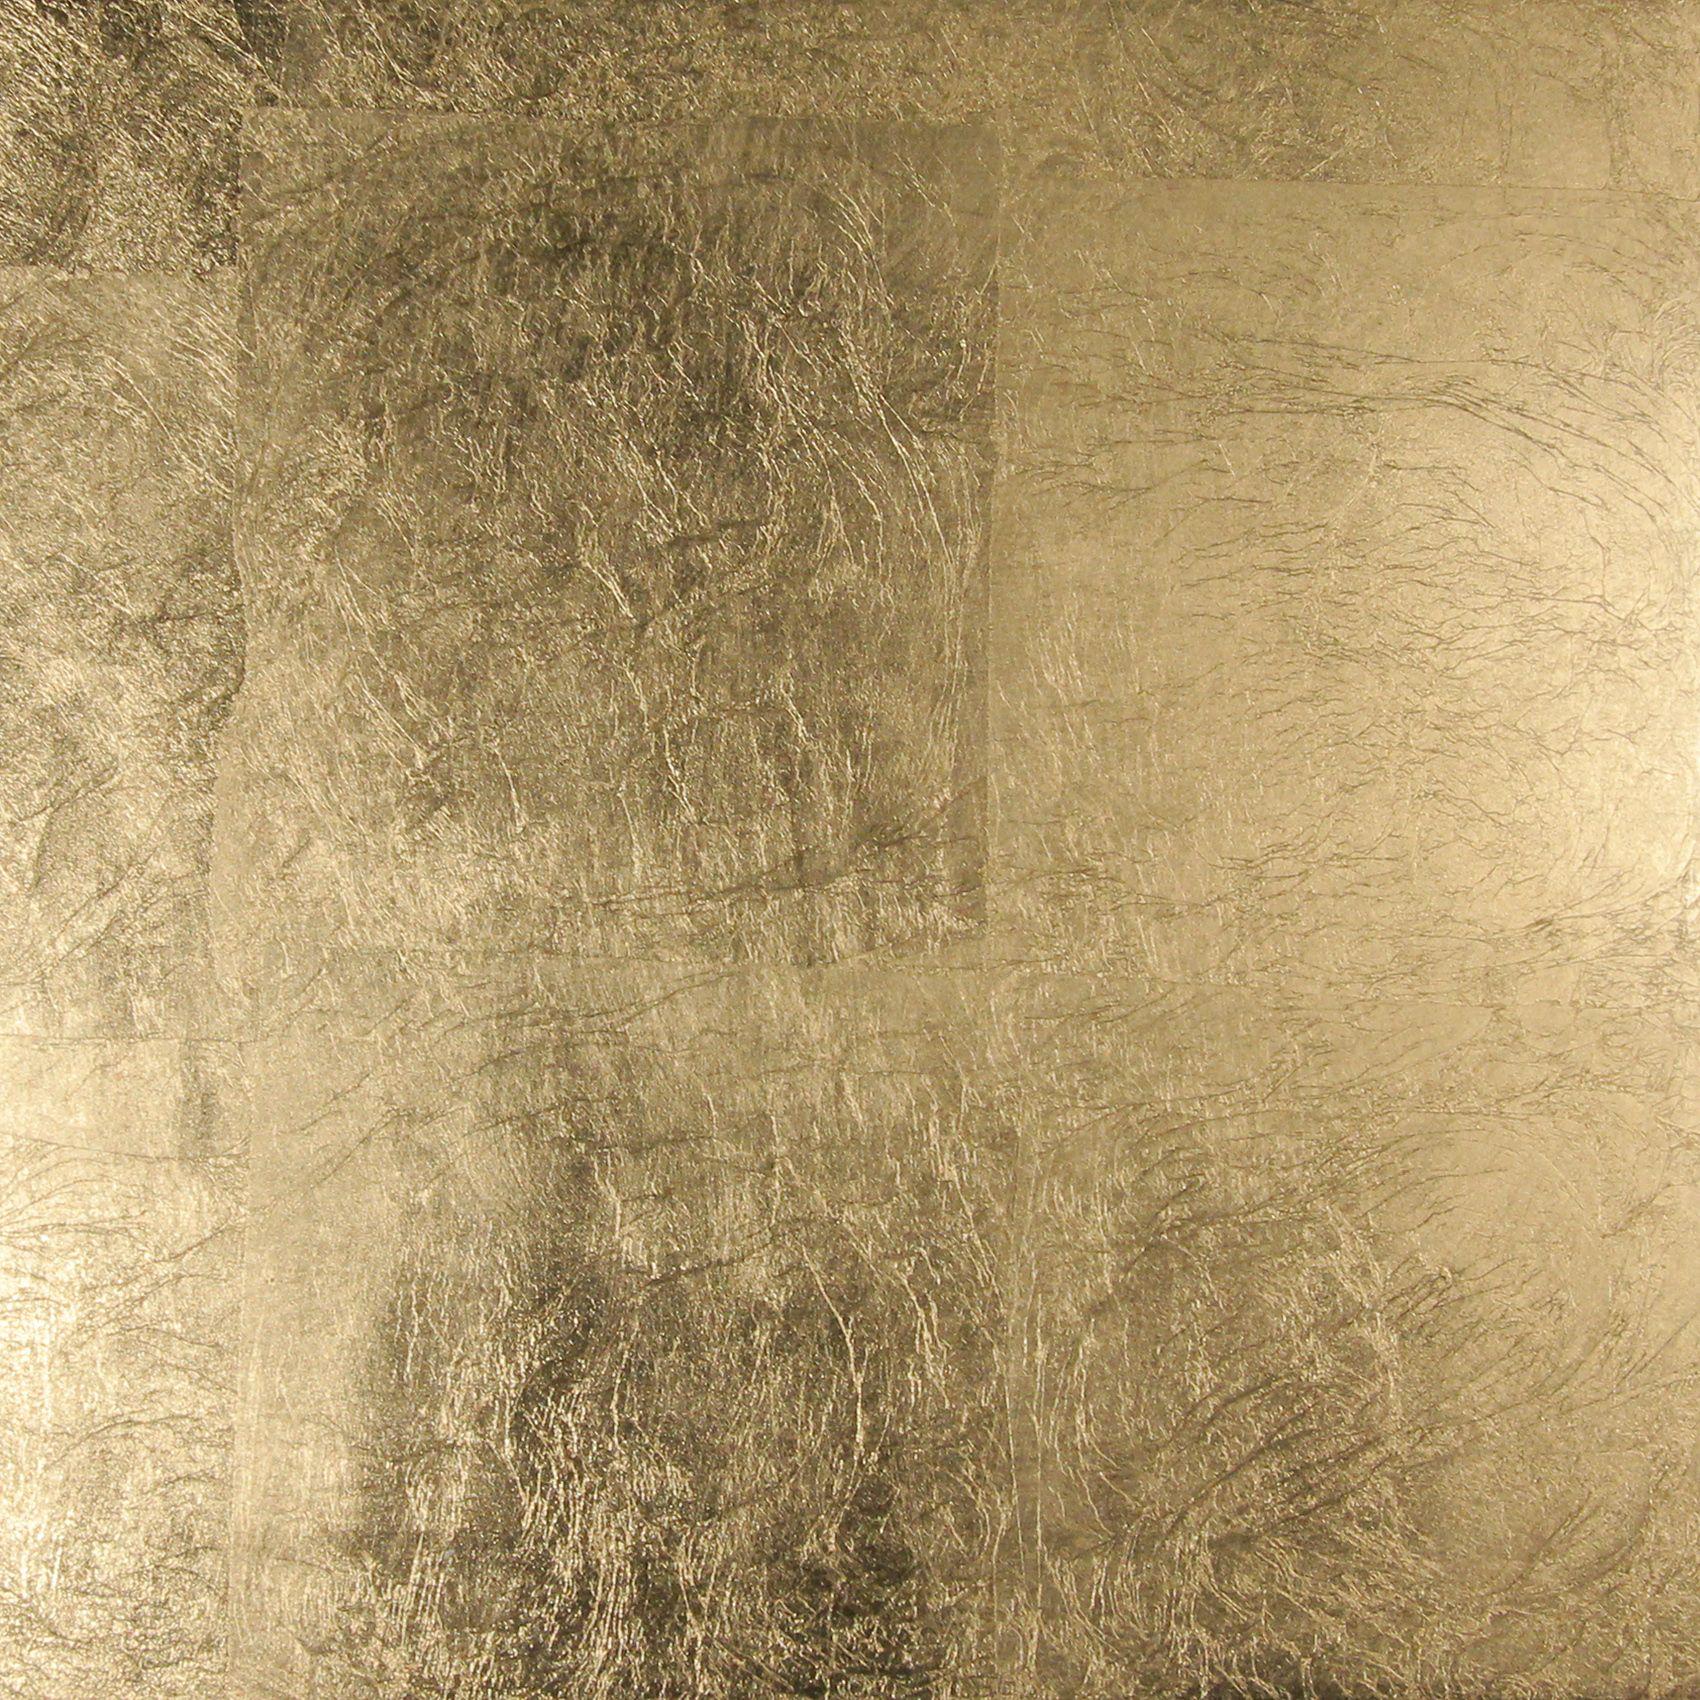 goldleaf-2.jpg (JPEG Image, 1700 × 1700 pixels) - Scaled (40 ...